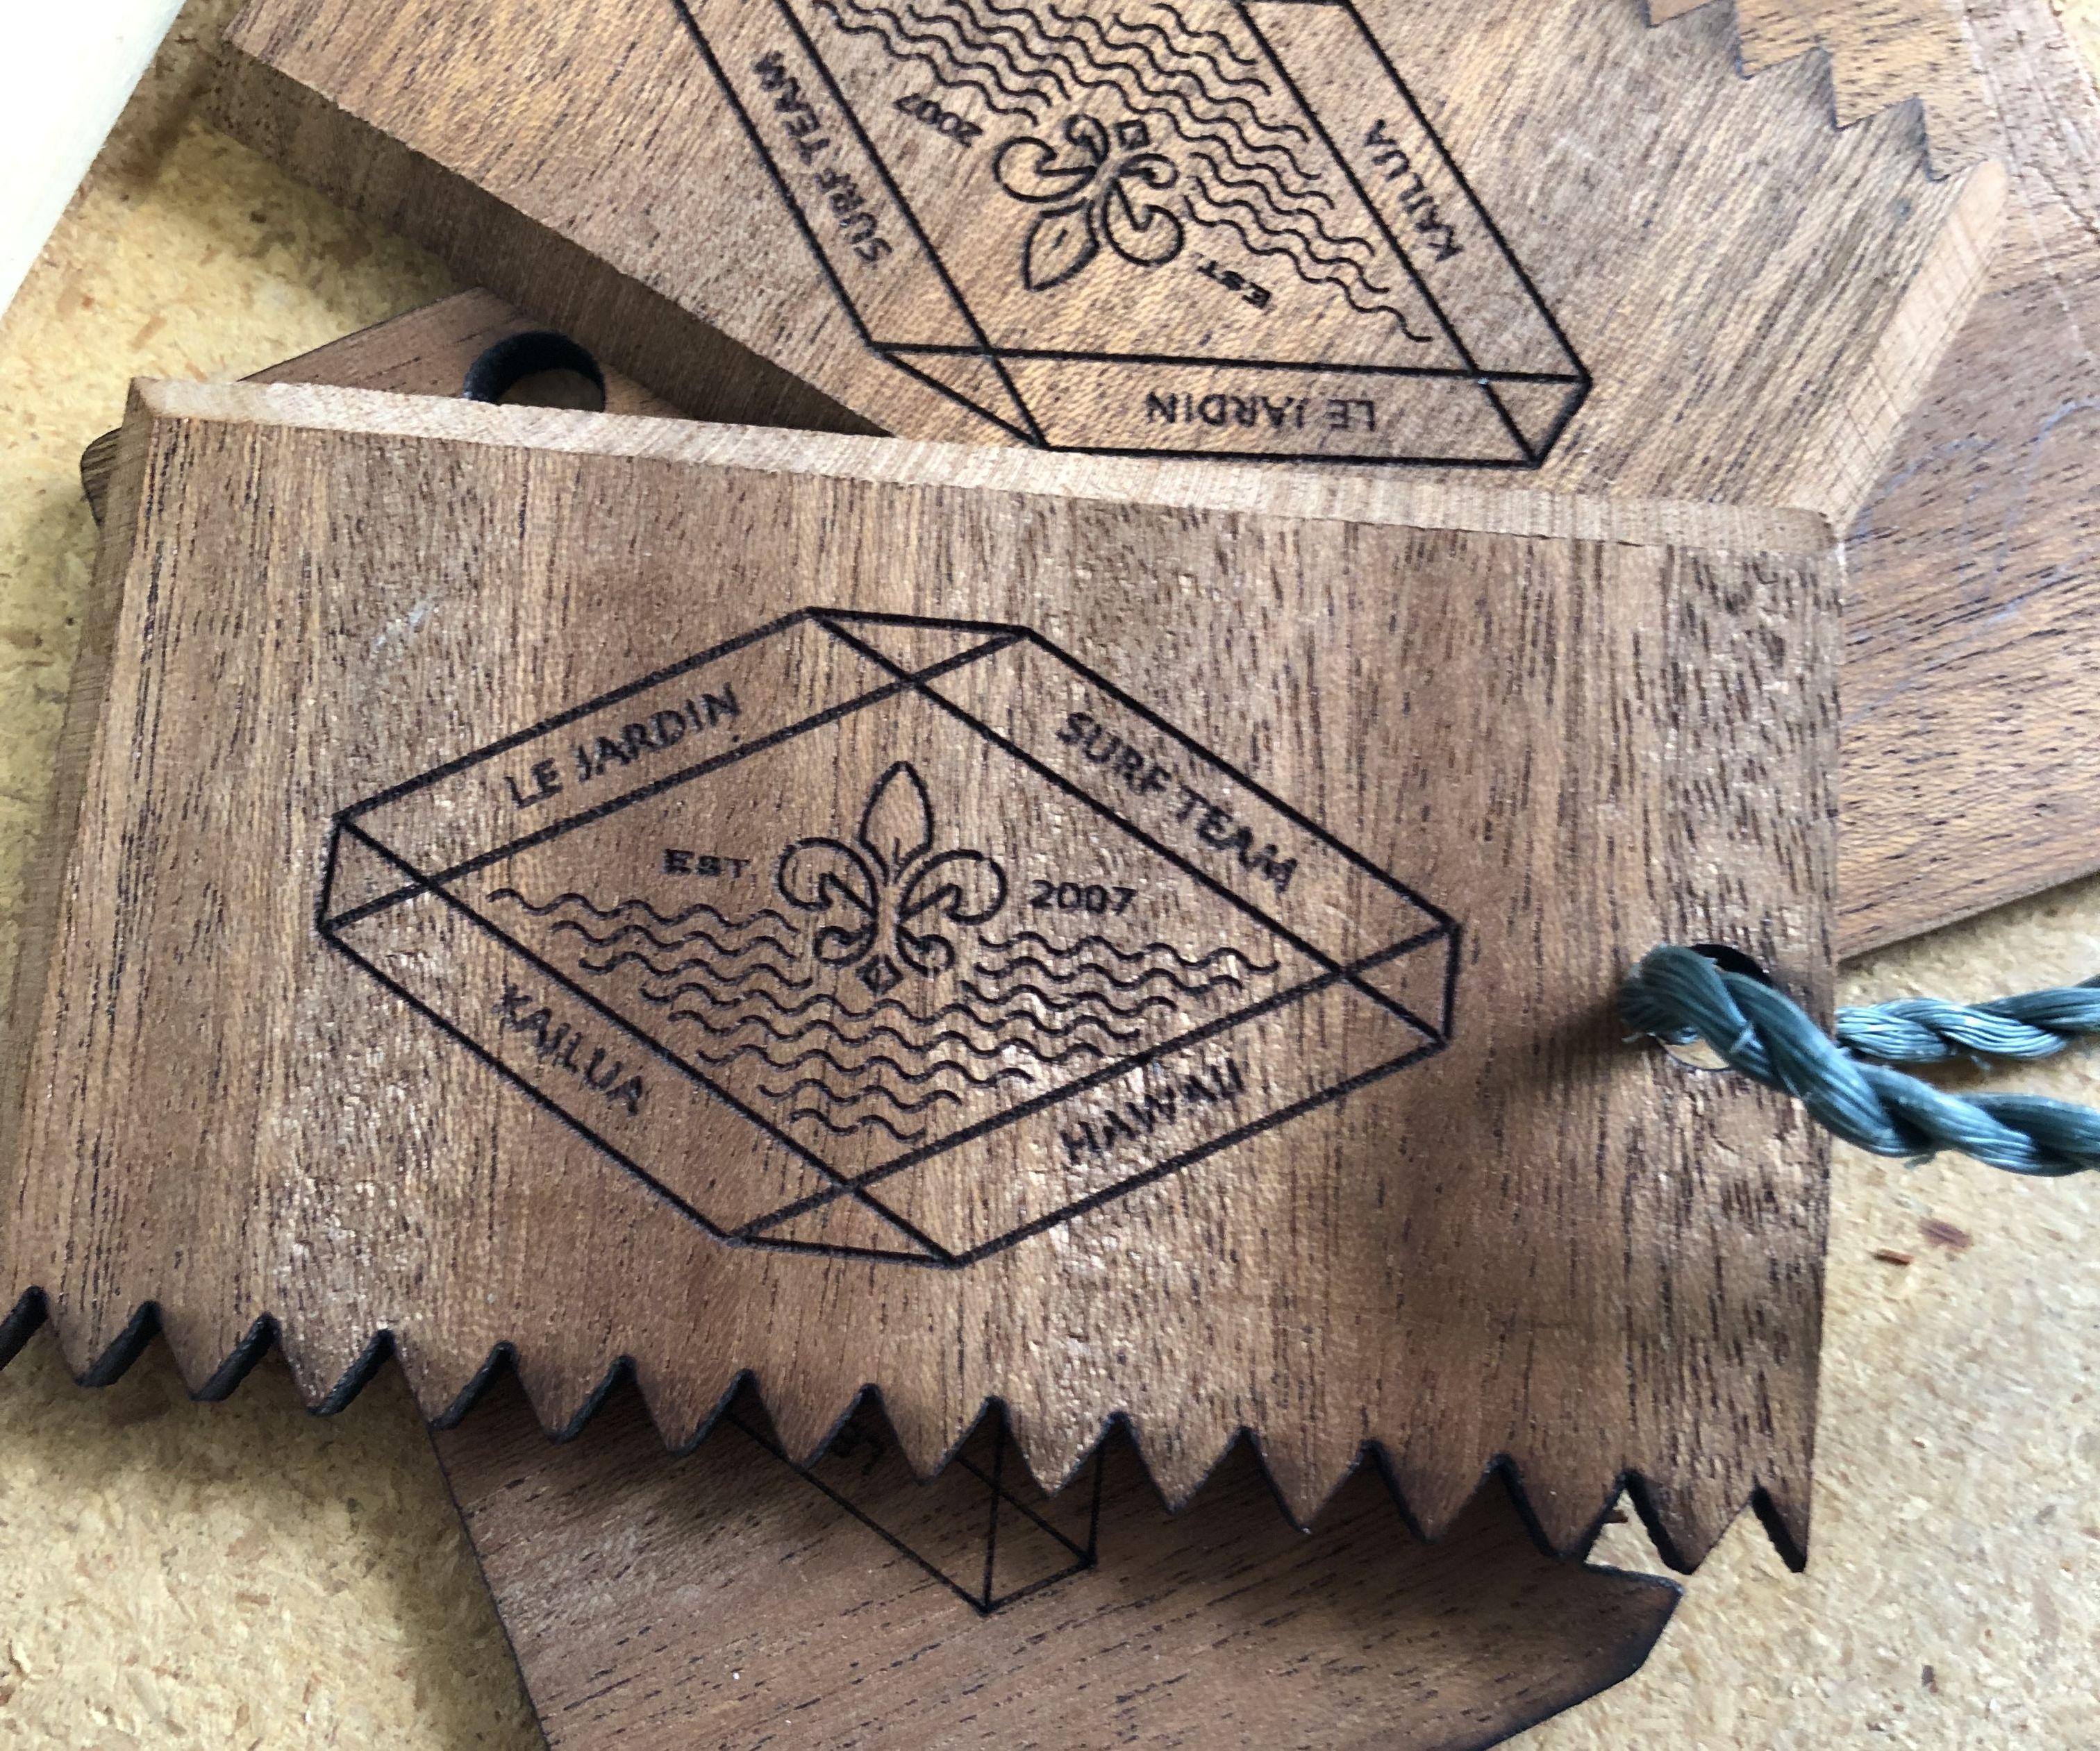 Laser Printed Surfboard Wax Comb